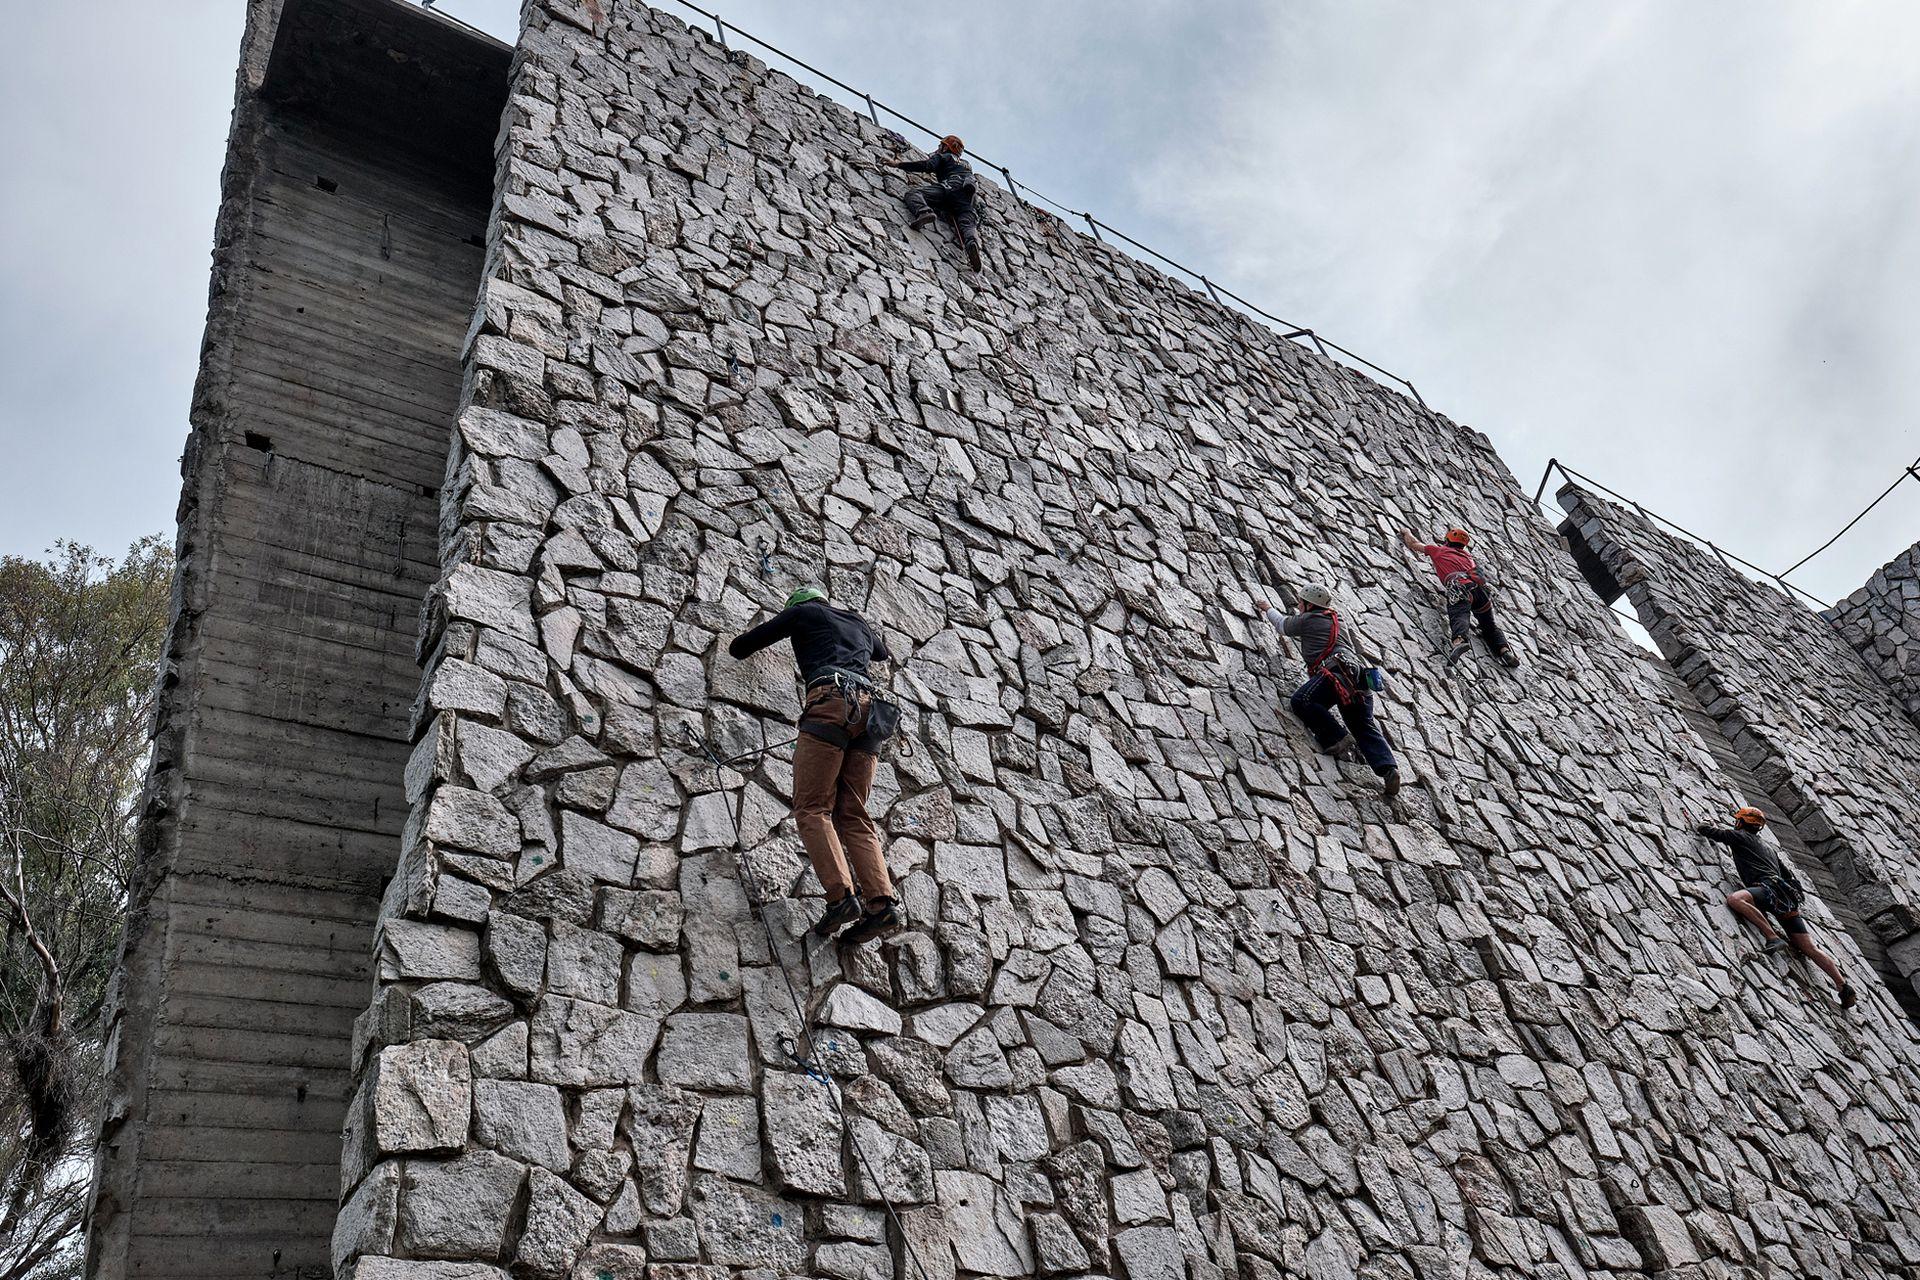 El muro se encuentra en una parte de las tierras que pertenecían al Tiro Federal; en su lugar está proyectada la prolongación de la calle Campos Salles